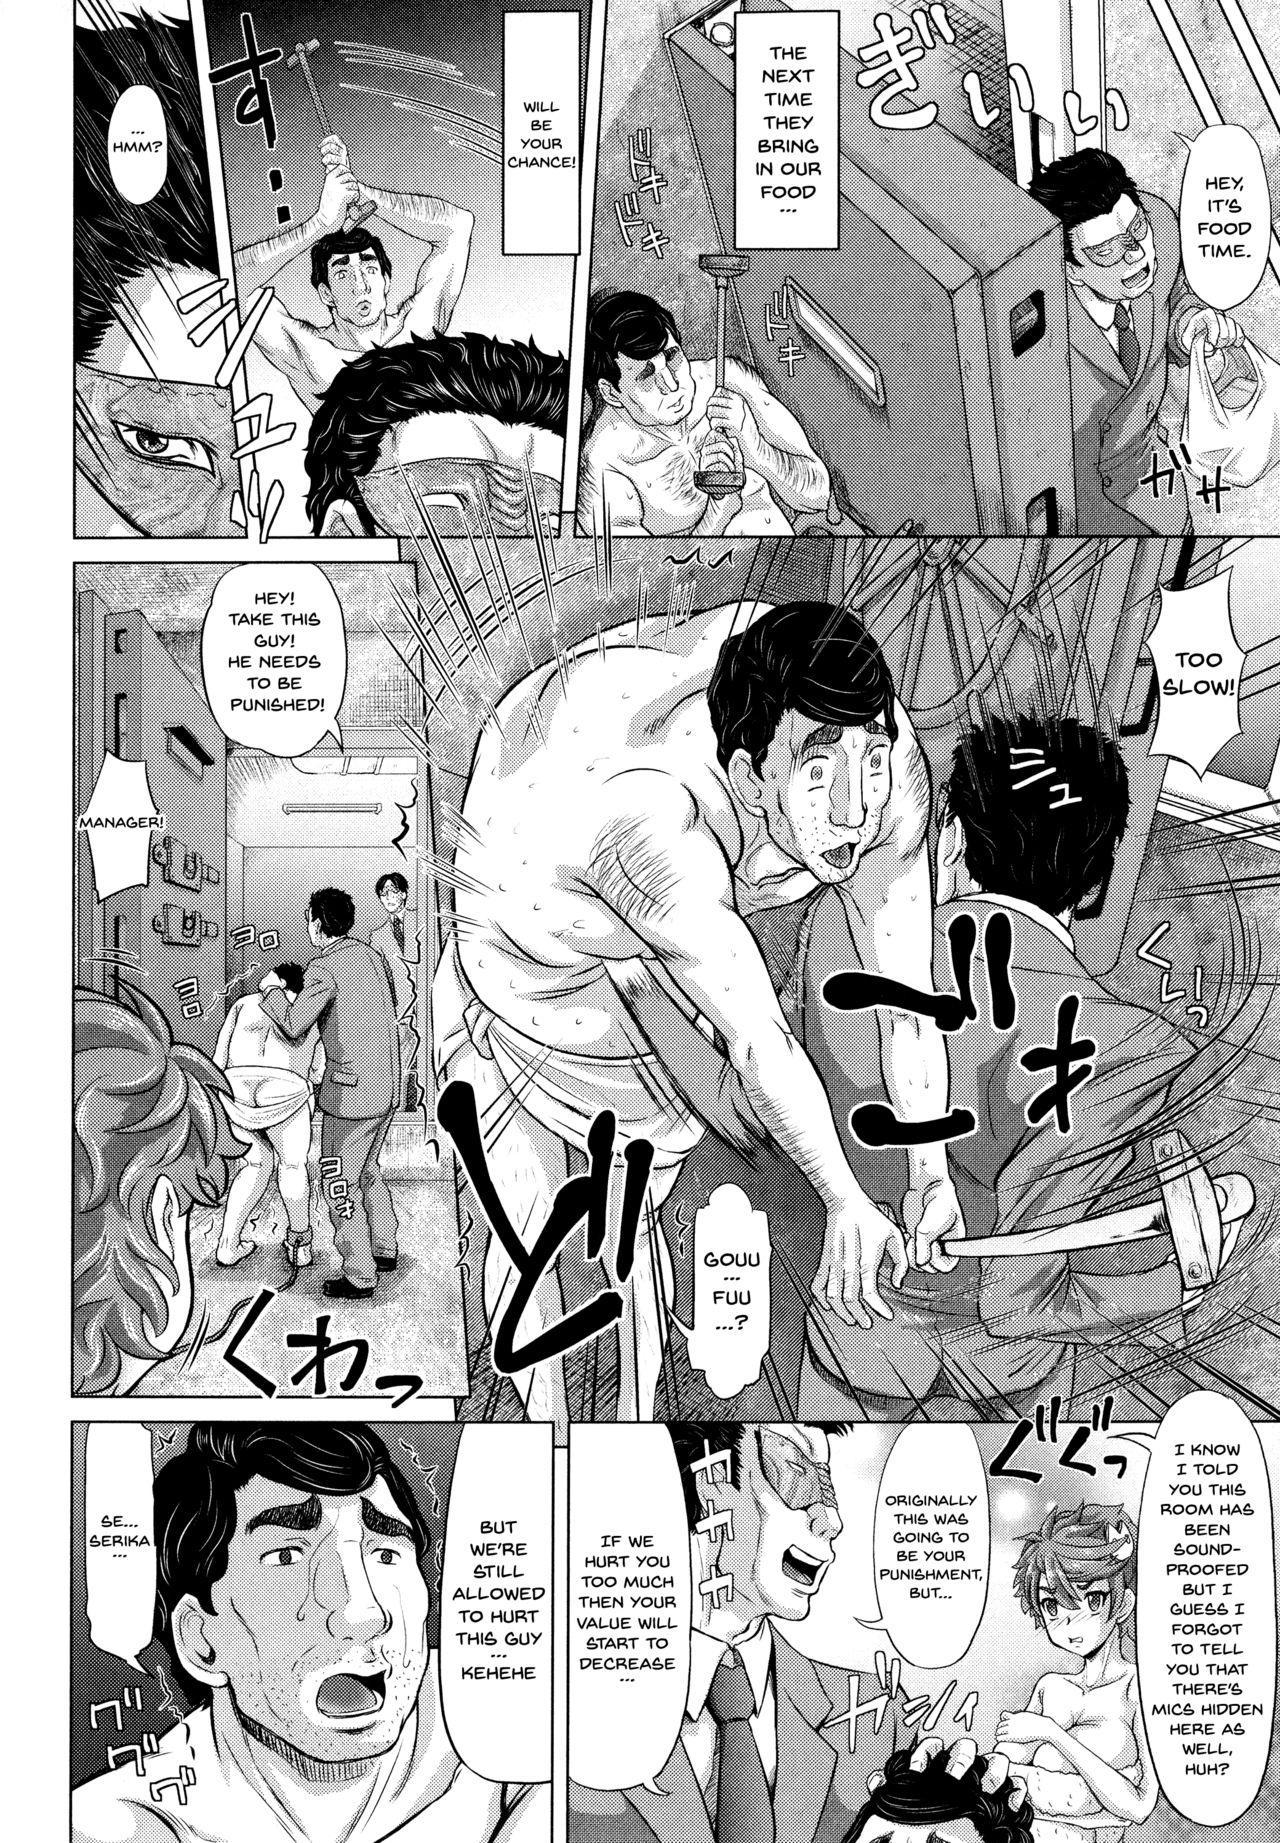 [Minority] Negative Kanako-sensei Ch. 1-6 [English] {Doujins.com} 73